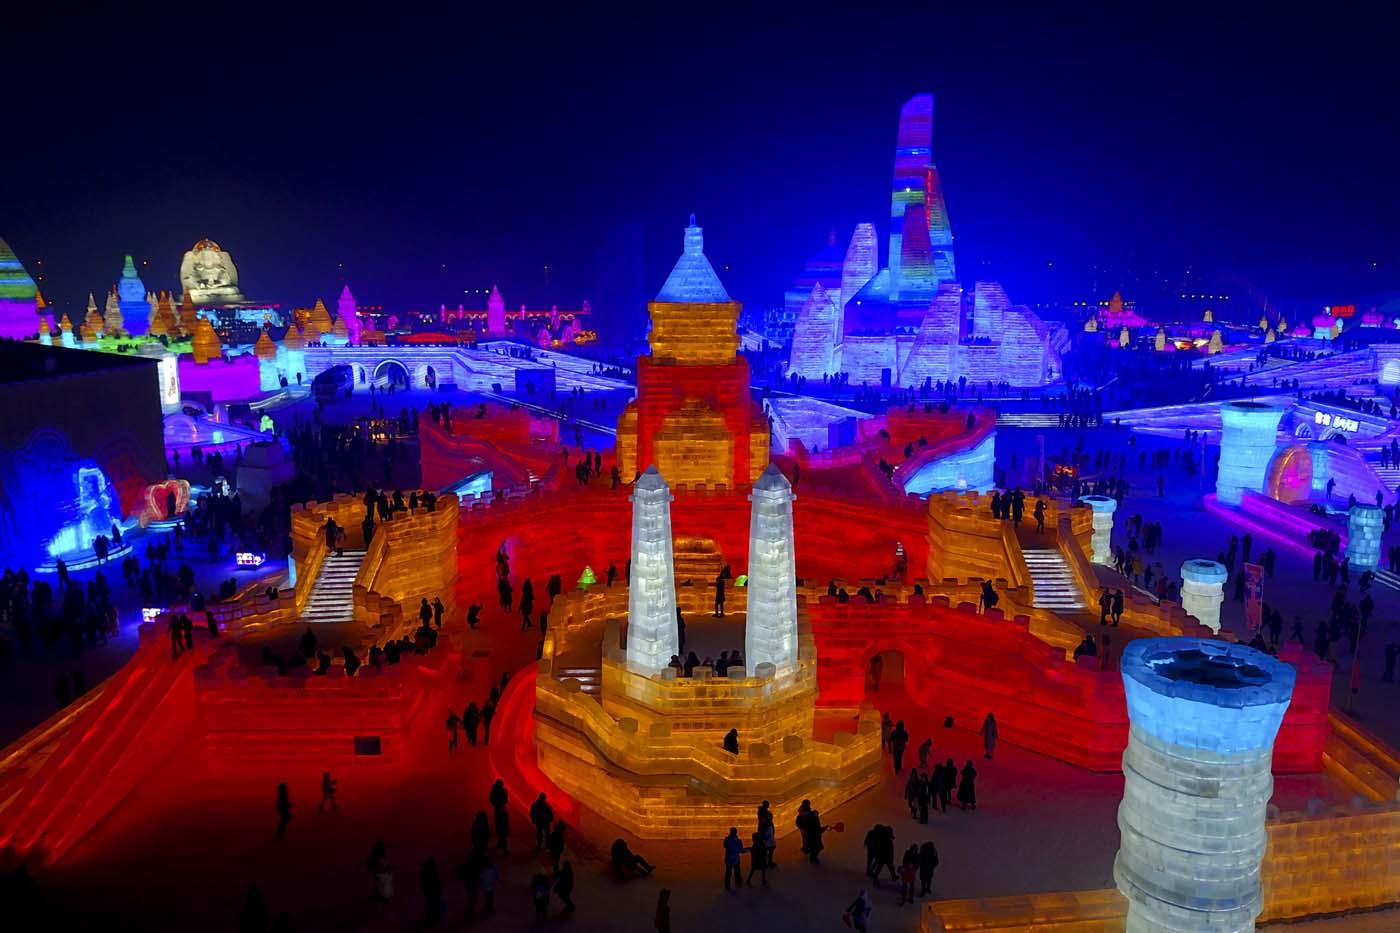 En esta imagen, tomada el 31 de diciembre de 2016, visitantes pasean por una escultura con forma de castillo fabricada con bloques de hielo durante el Festival Internacional de Hielo y Nueve de Harbin, en la provincia de Heilongjiang, en el noreste de China. (Chinatopix via AP)